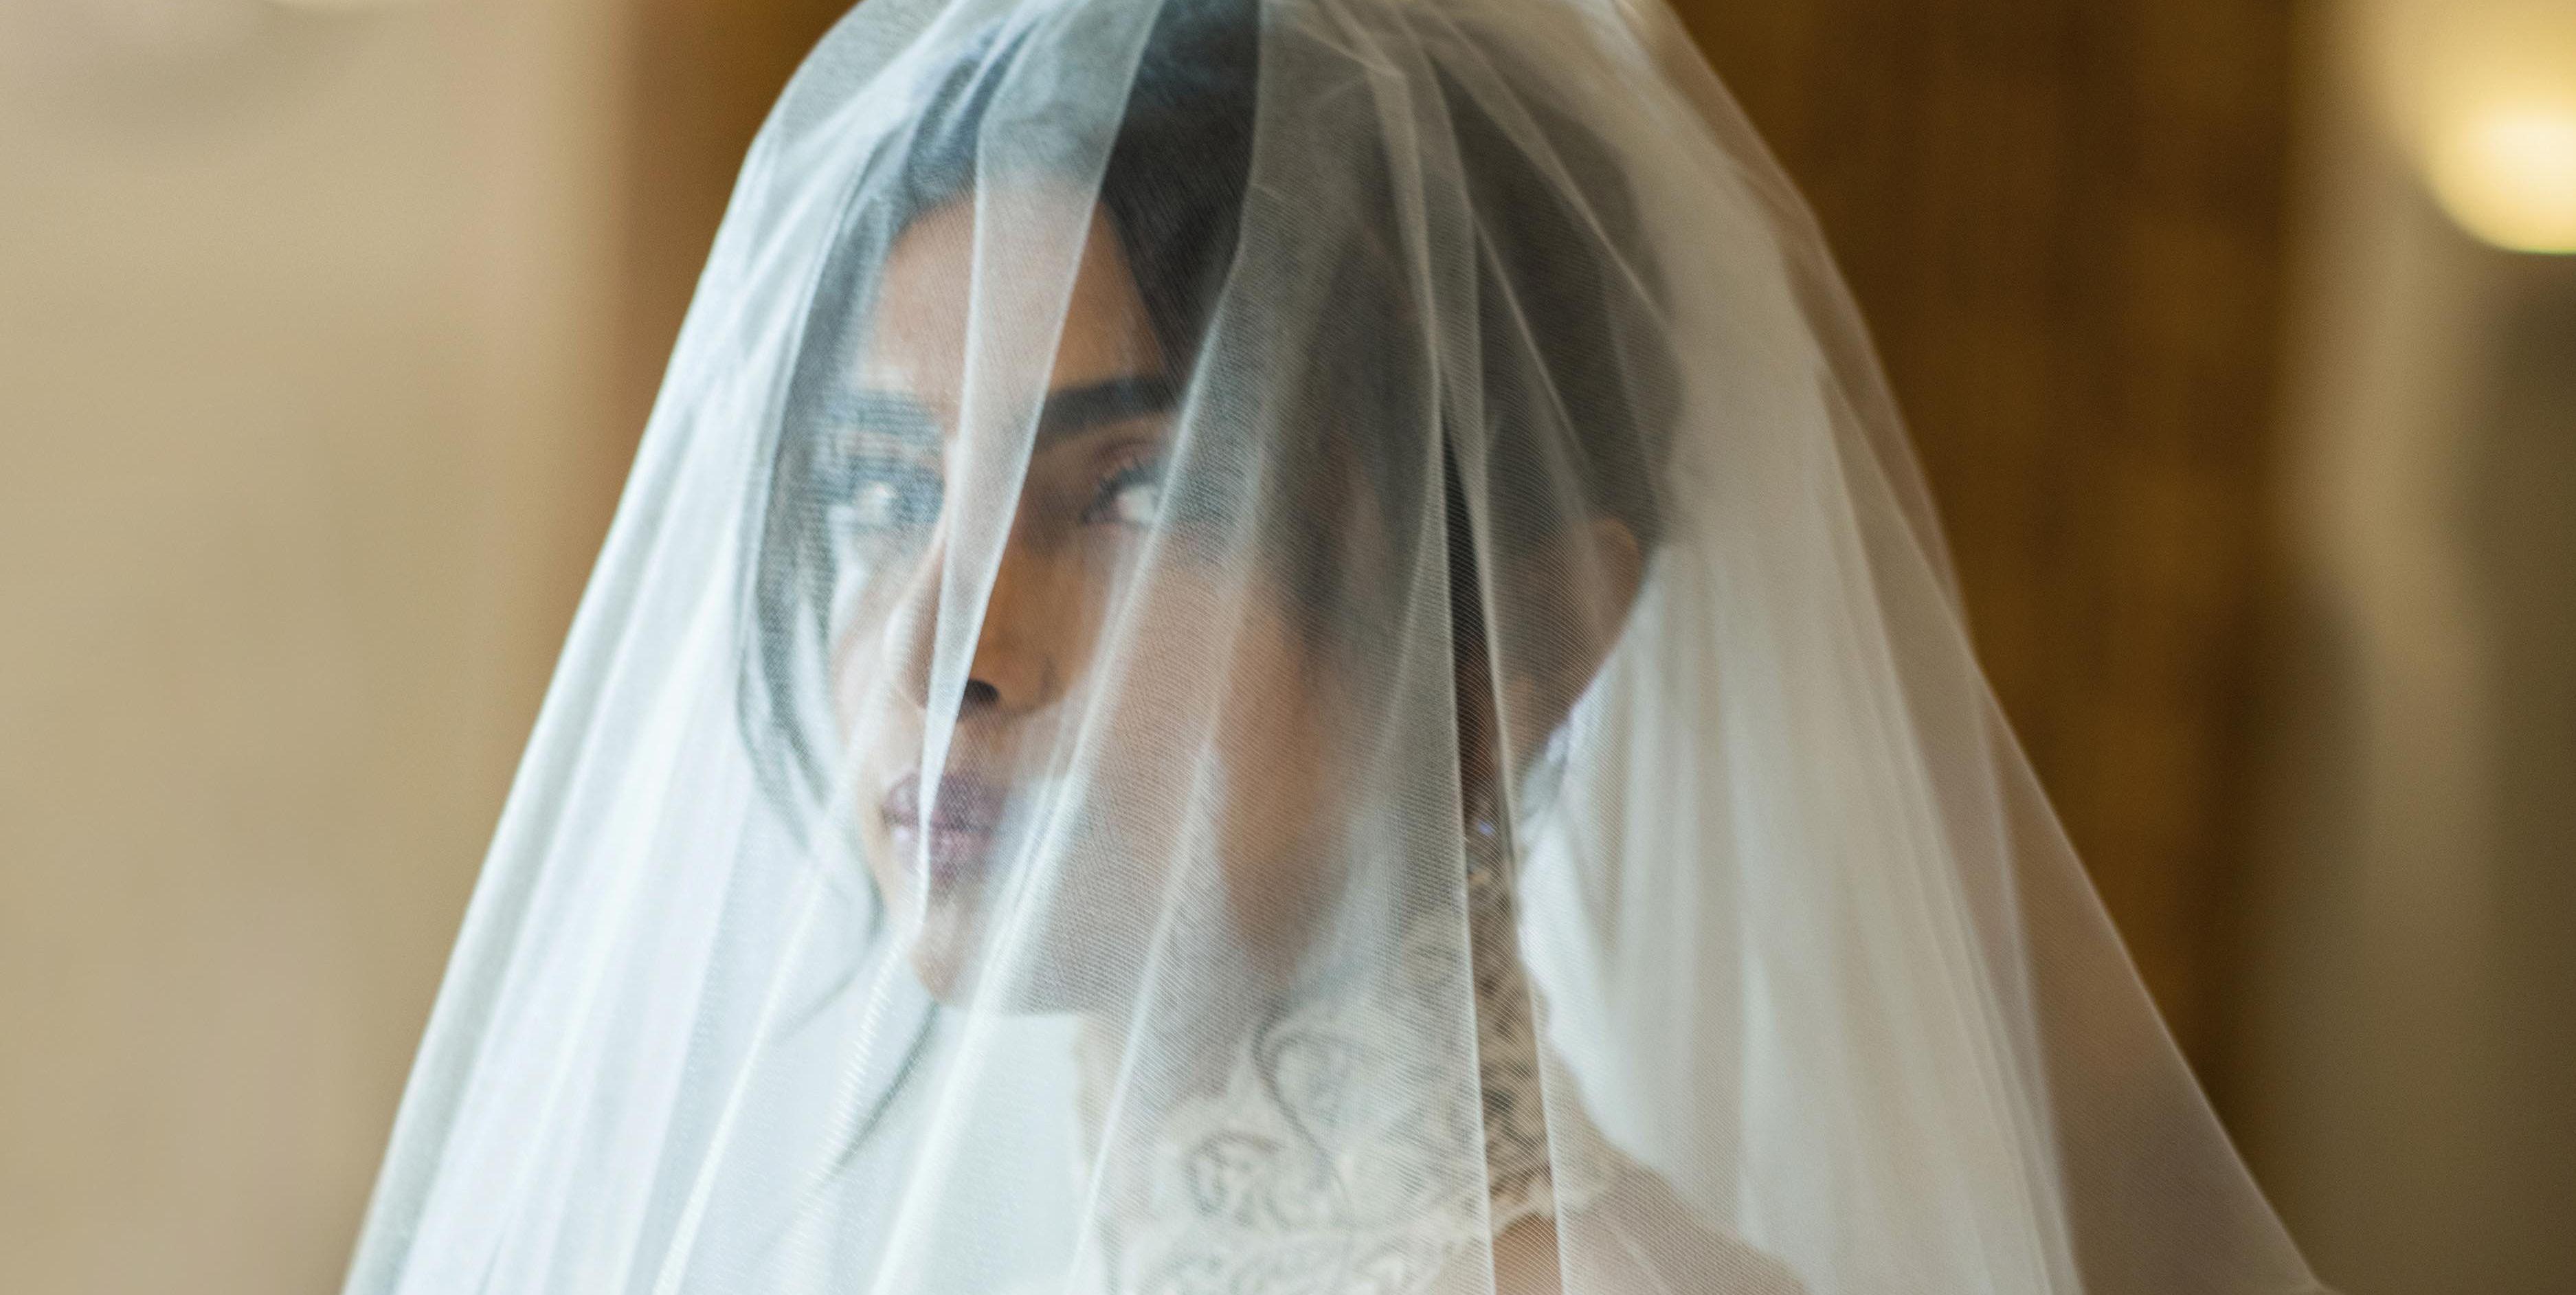 vogue-nederland-wedding-issue